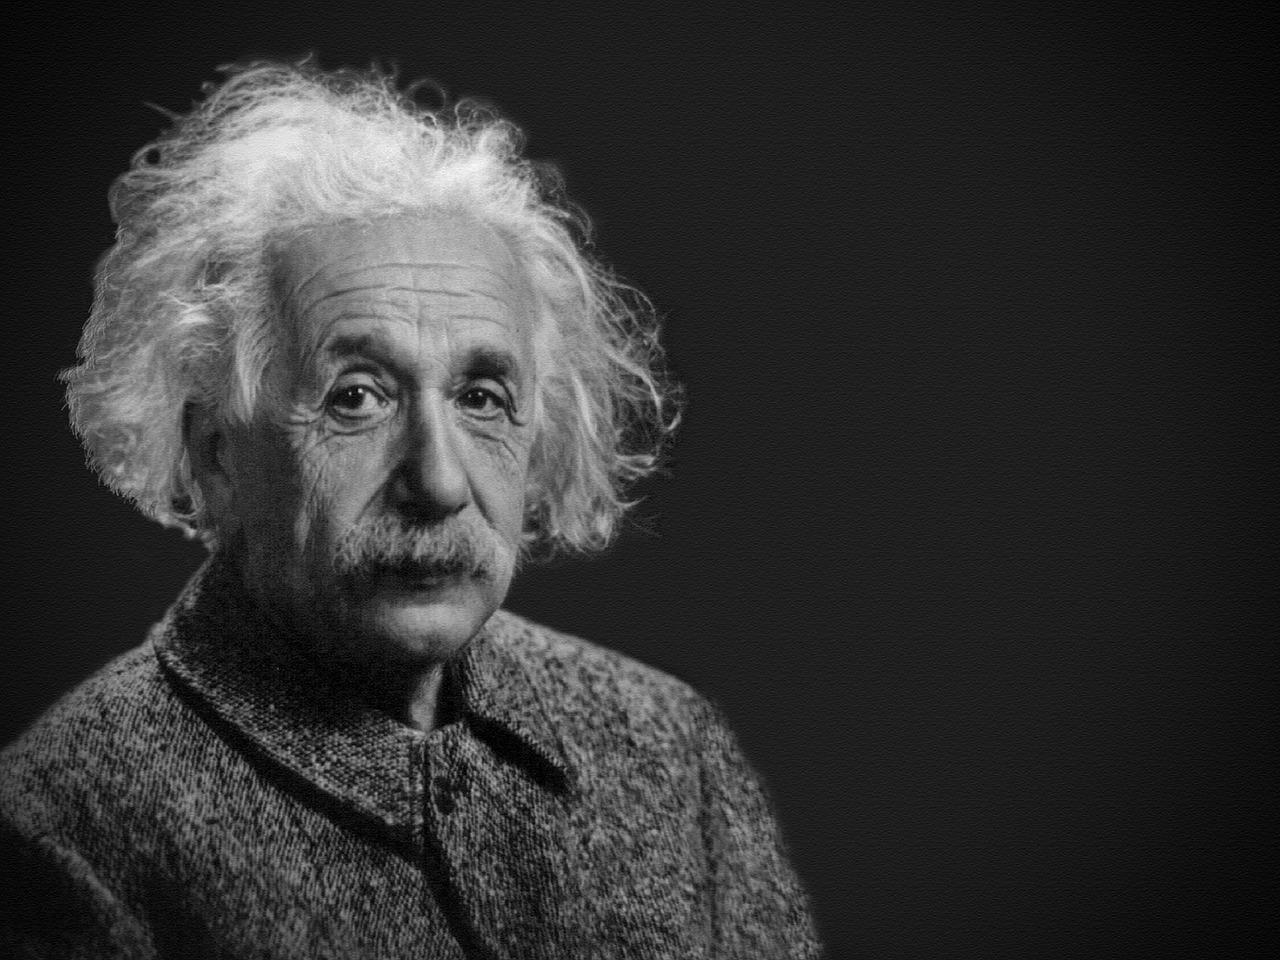 Канал Яндекс-Дзен о науке «Будни ученого». Каталог каналов Яндекс-Дзен